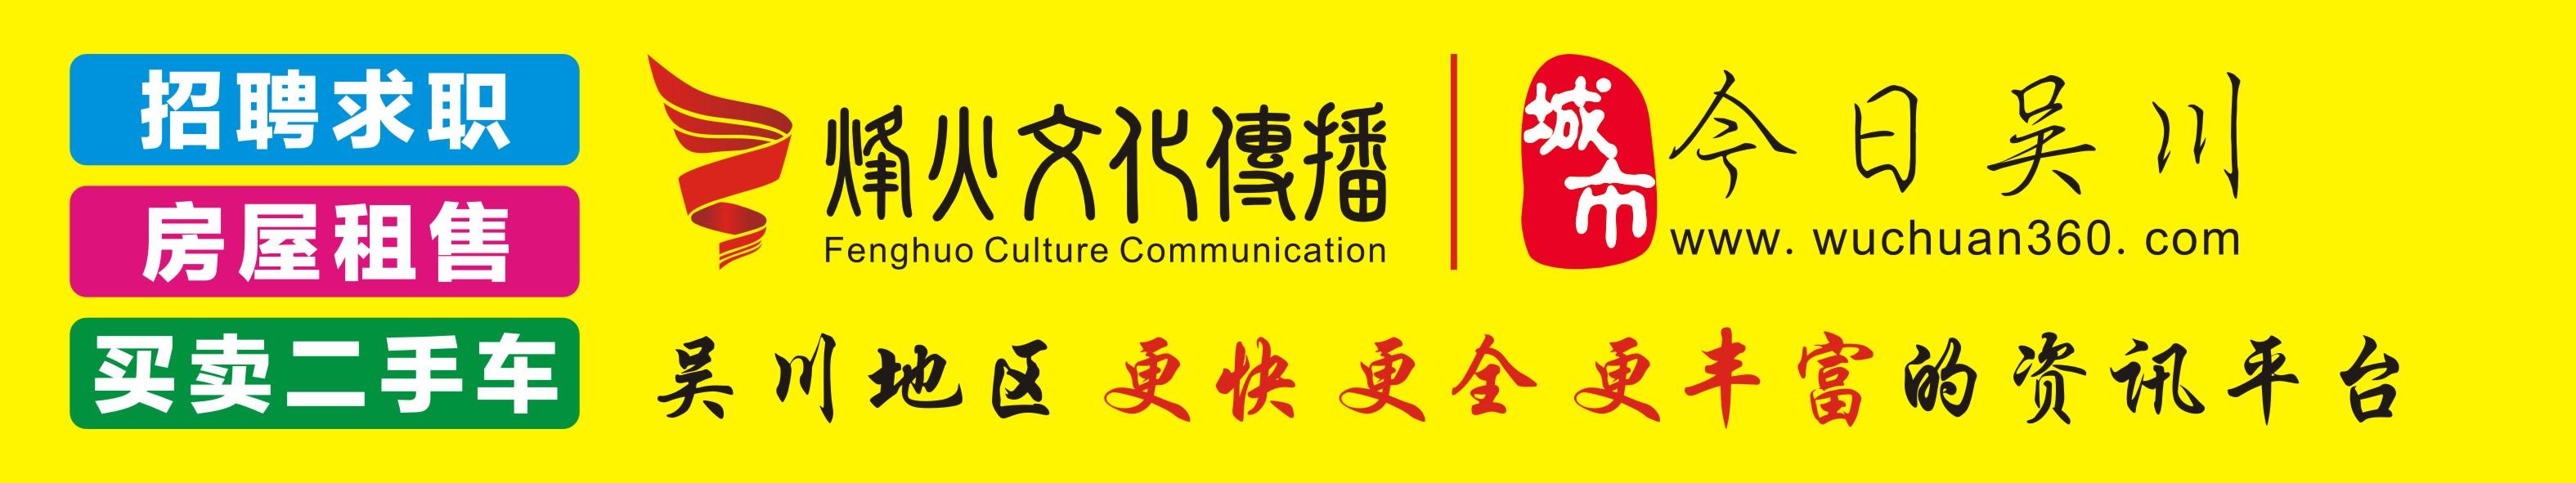 吴川市烽火文化传播有限公司